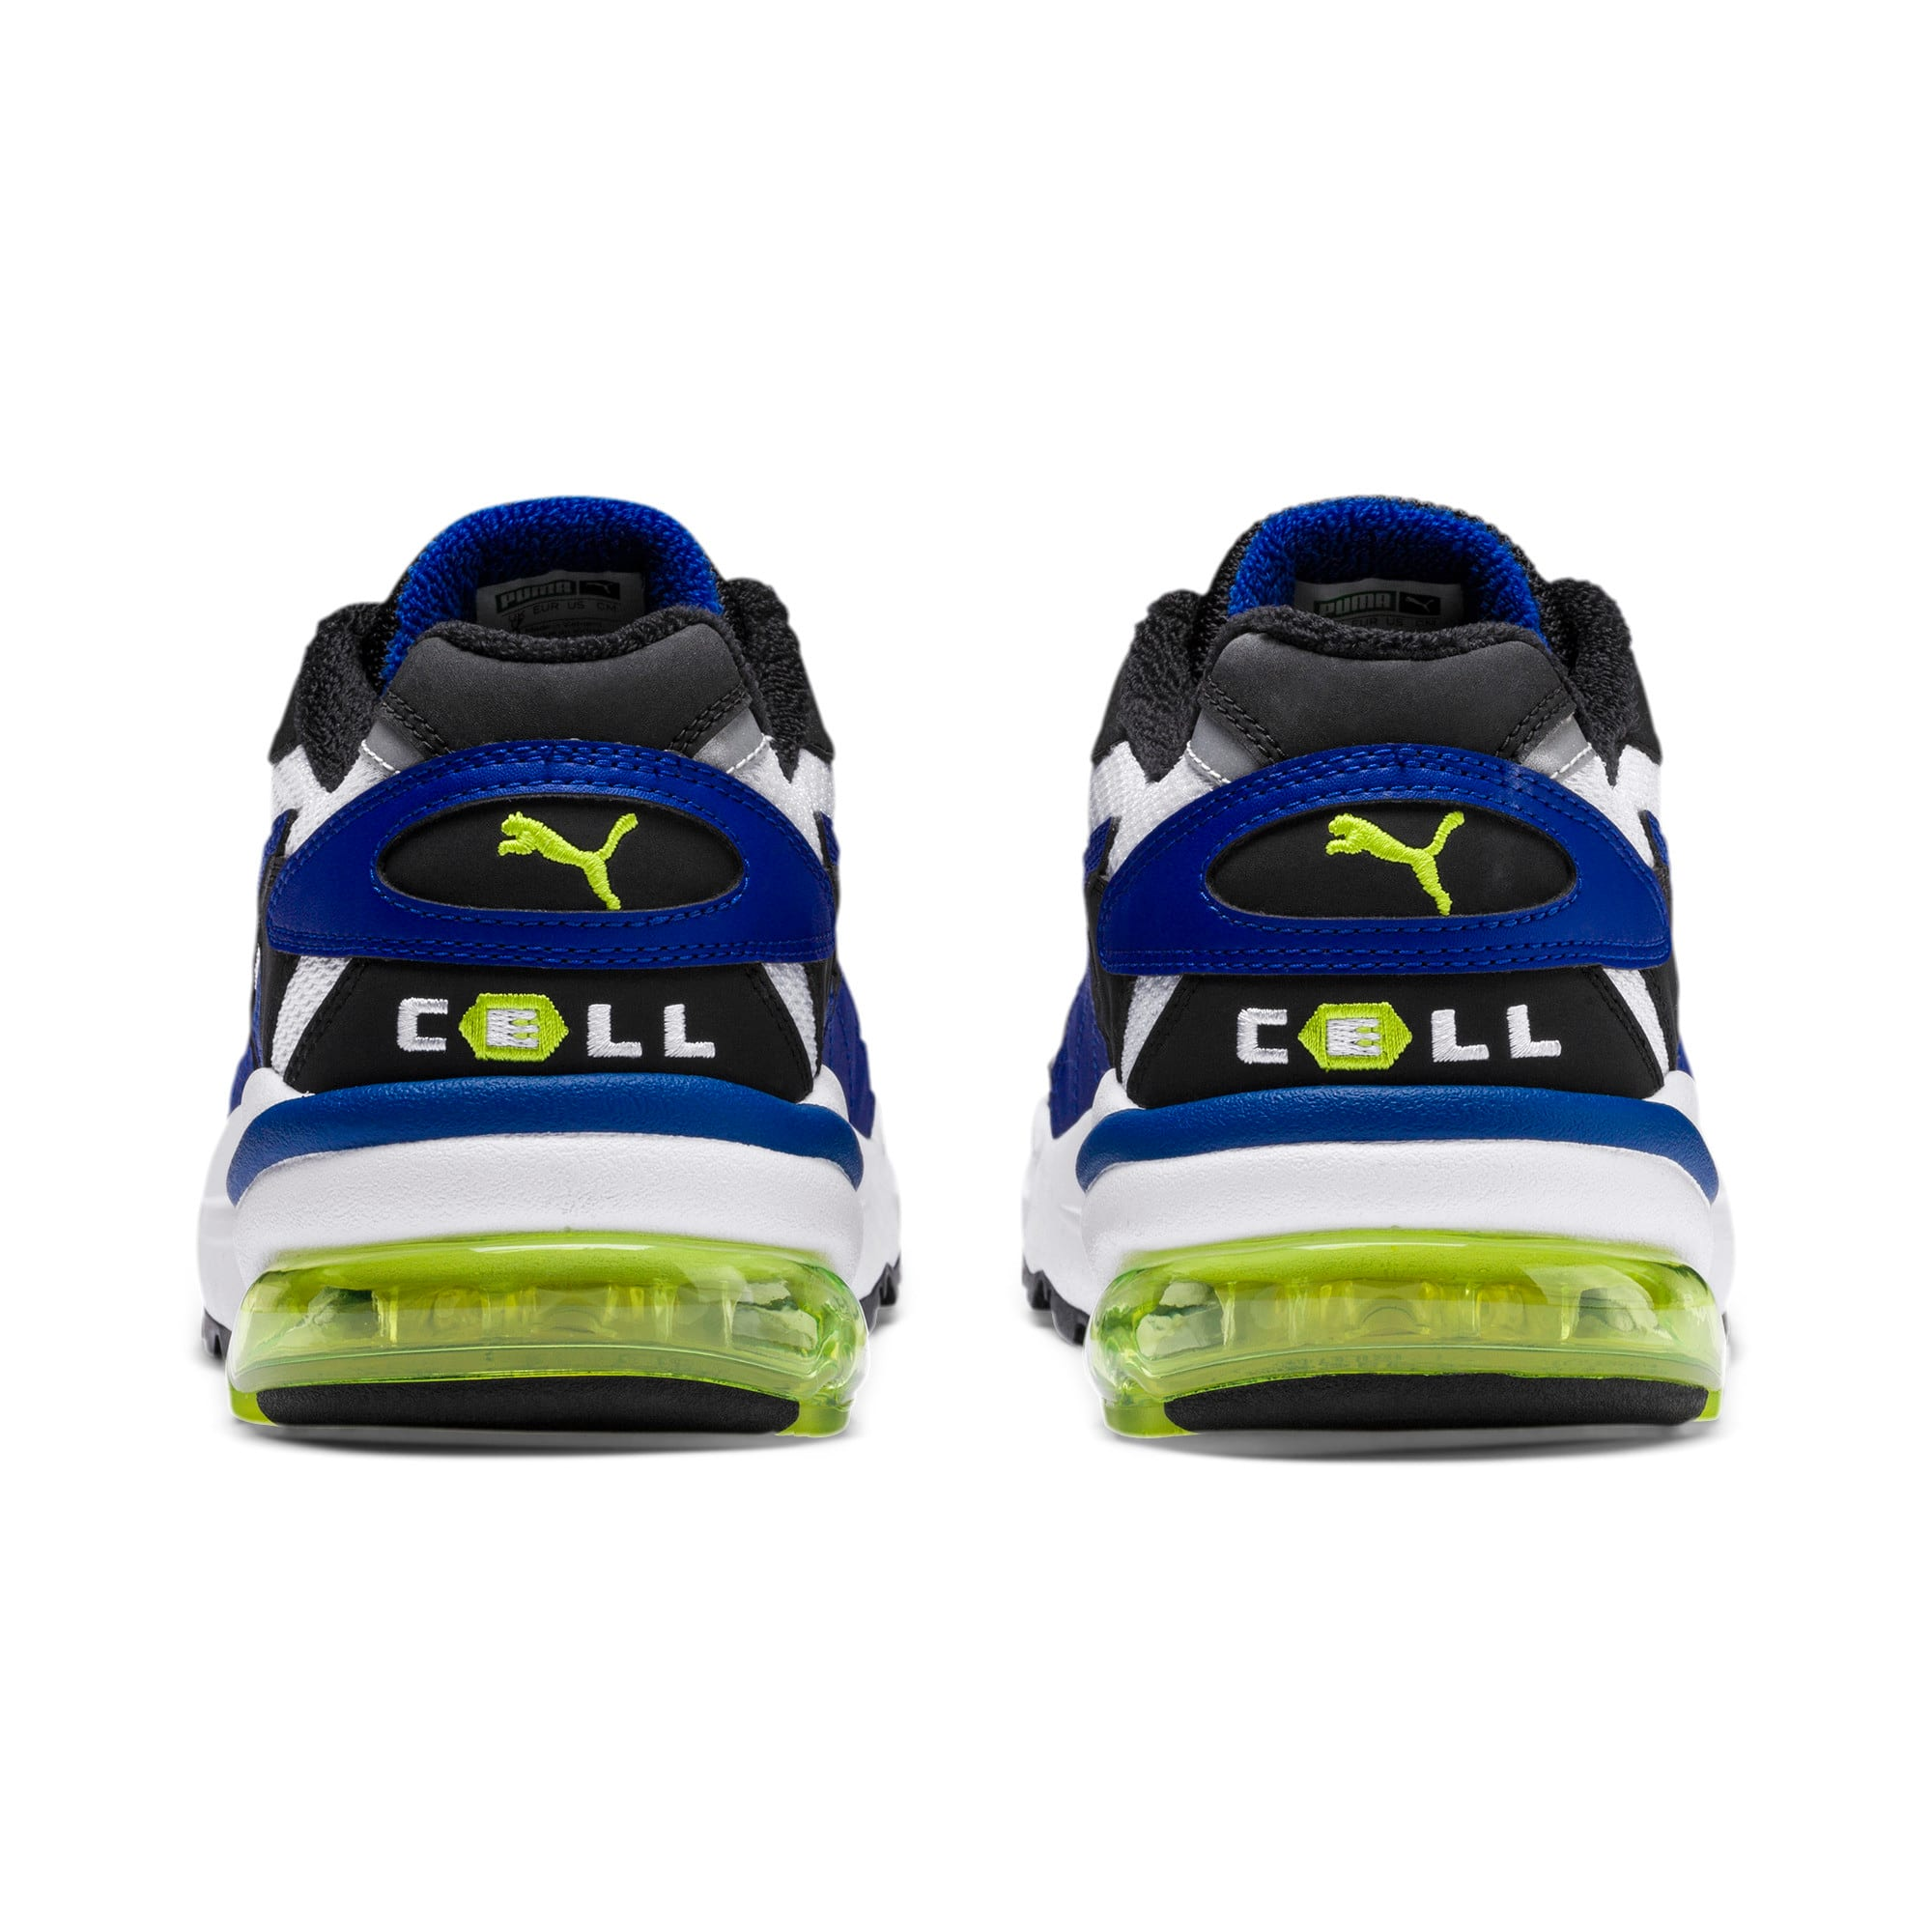 Miniatura 4 de Zapatos deportivos CELL Alien OG, Puma Black-Surf The Web, mediano